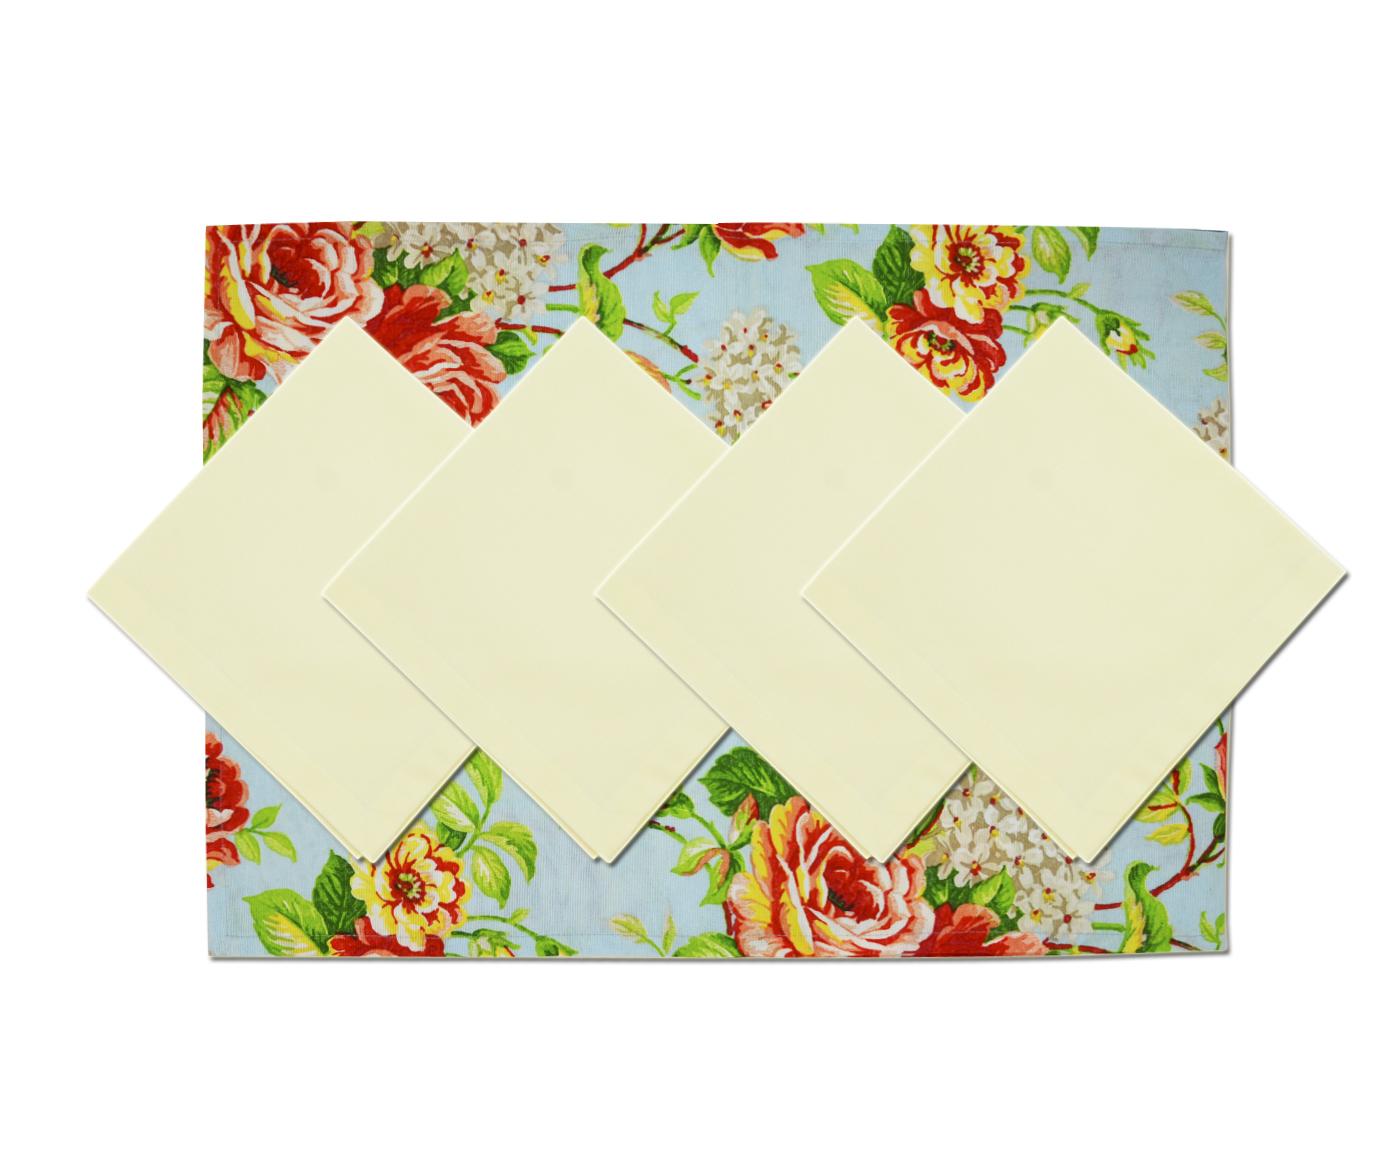 Комплект Rose bluСкатерти<br>Скатерть-дорожка на стол с набором салфеток 4 шт., размером 40/40/-/-/- Подойдет для романтического стиля и настроения.  Ткань прочная , износоустойчивая.<br><br>Material: Хлопок<br>Length см: 180<br>Width см: 40